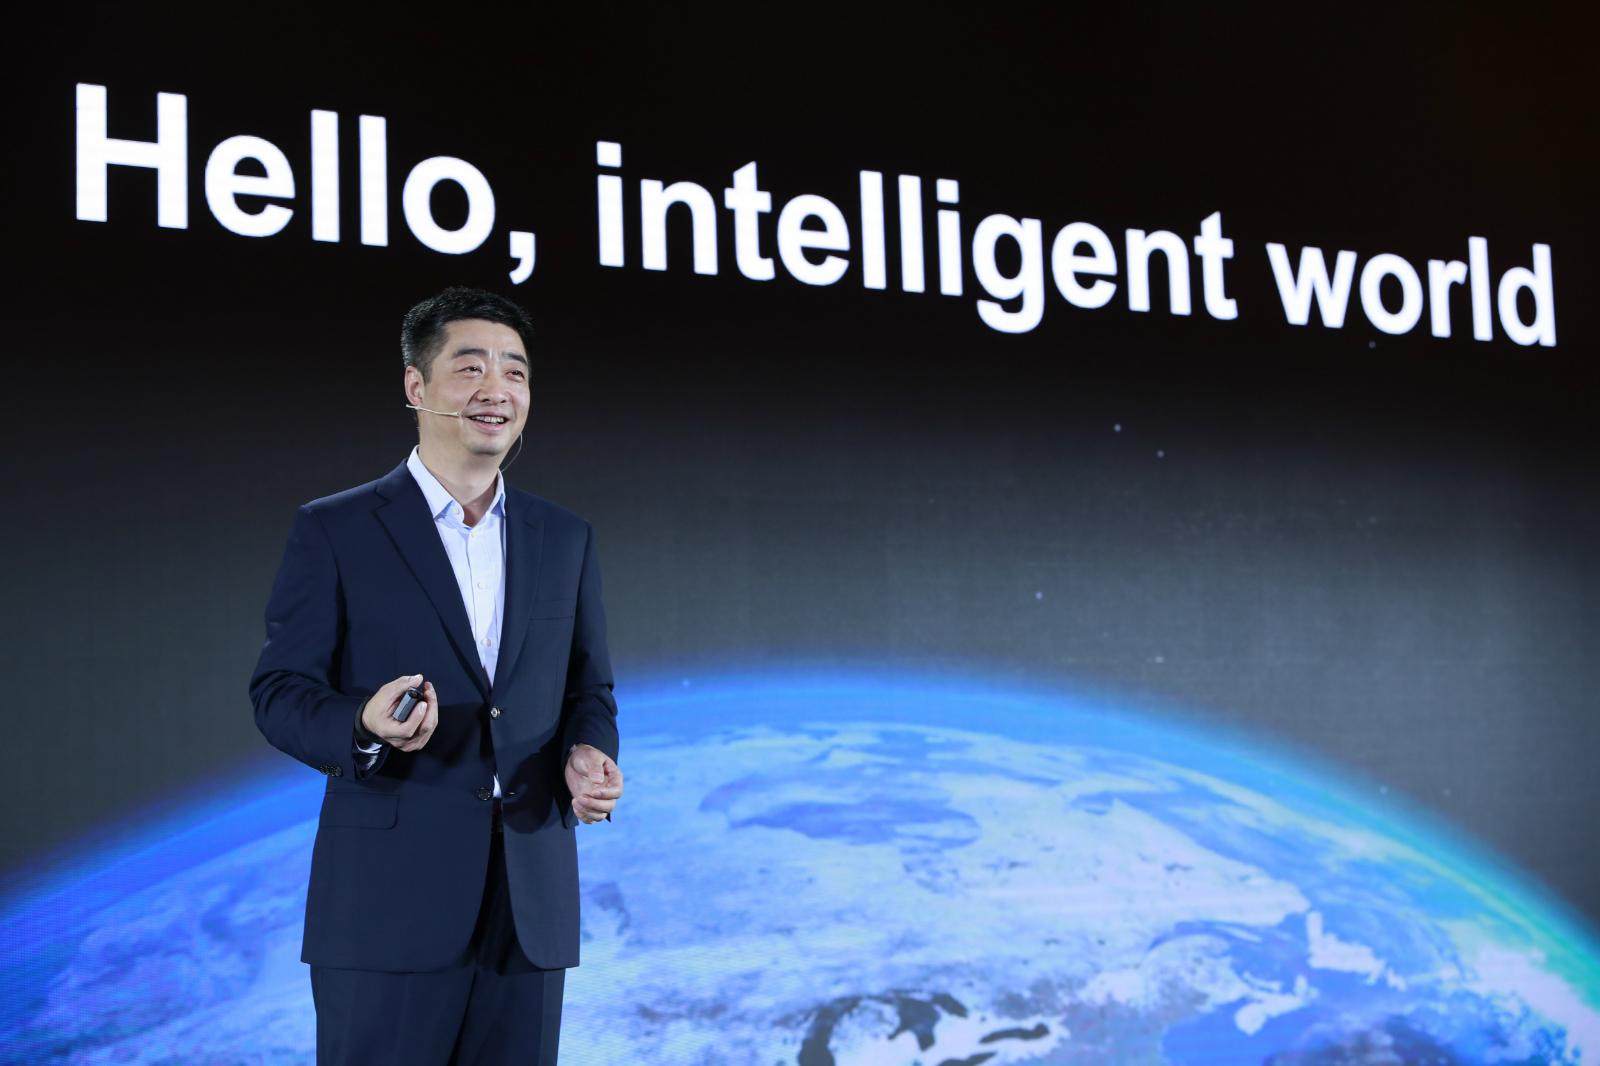 华为胡厚崑:芯片战略坚持自主可控和开放道路,不会独立丨钛快讯_业务